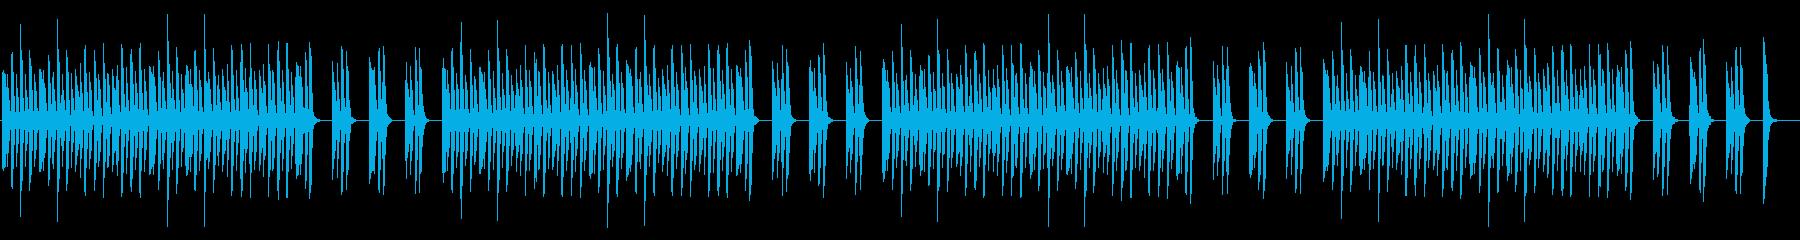 邪魔しないシンプルなピアノのみの再生済みの波形